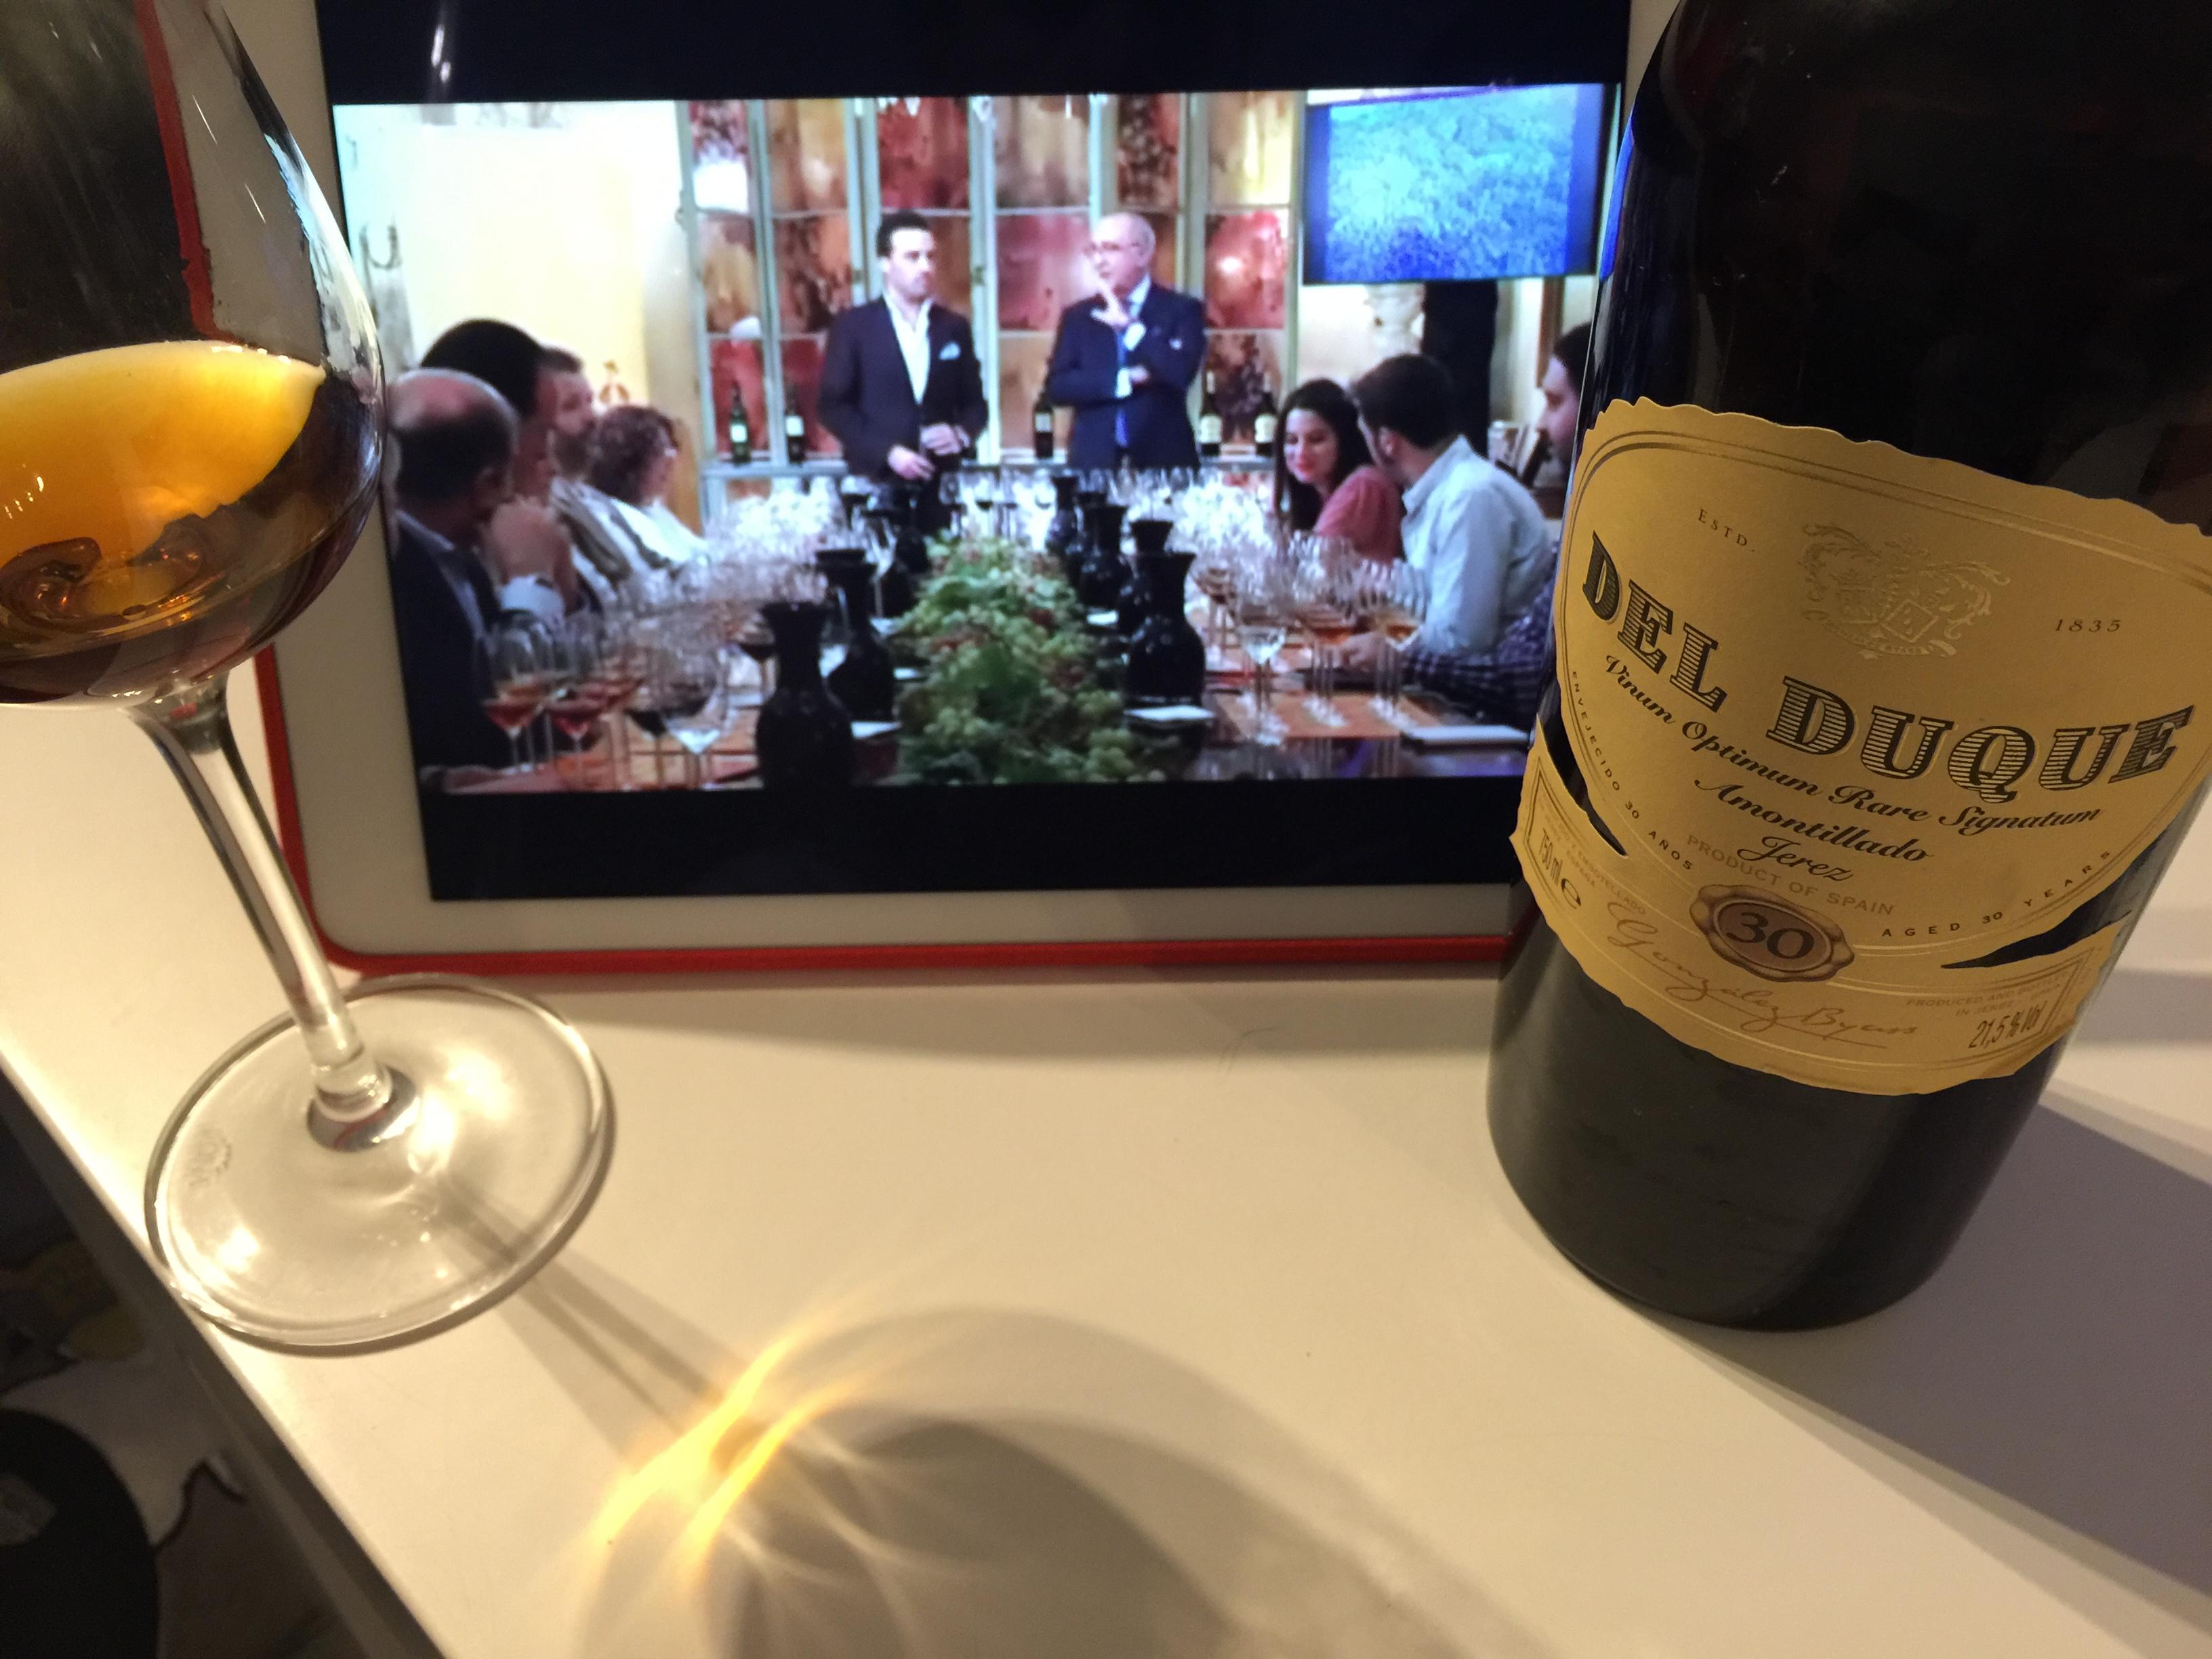 Imagen de una copa de amontillado Del Duque junto a su botella y un iPad en el que se ve un cata virtual de Antonio Flores, enólogo de González Byass